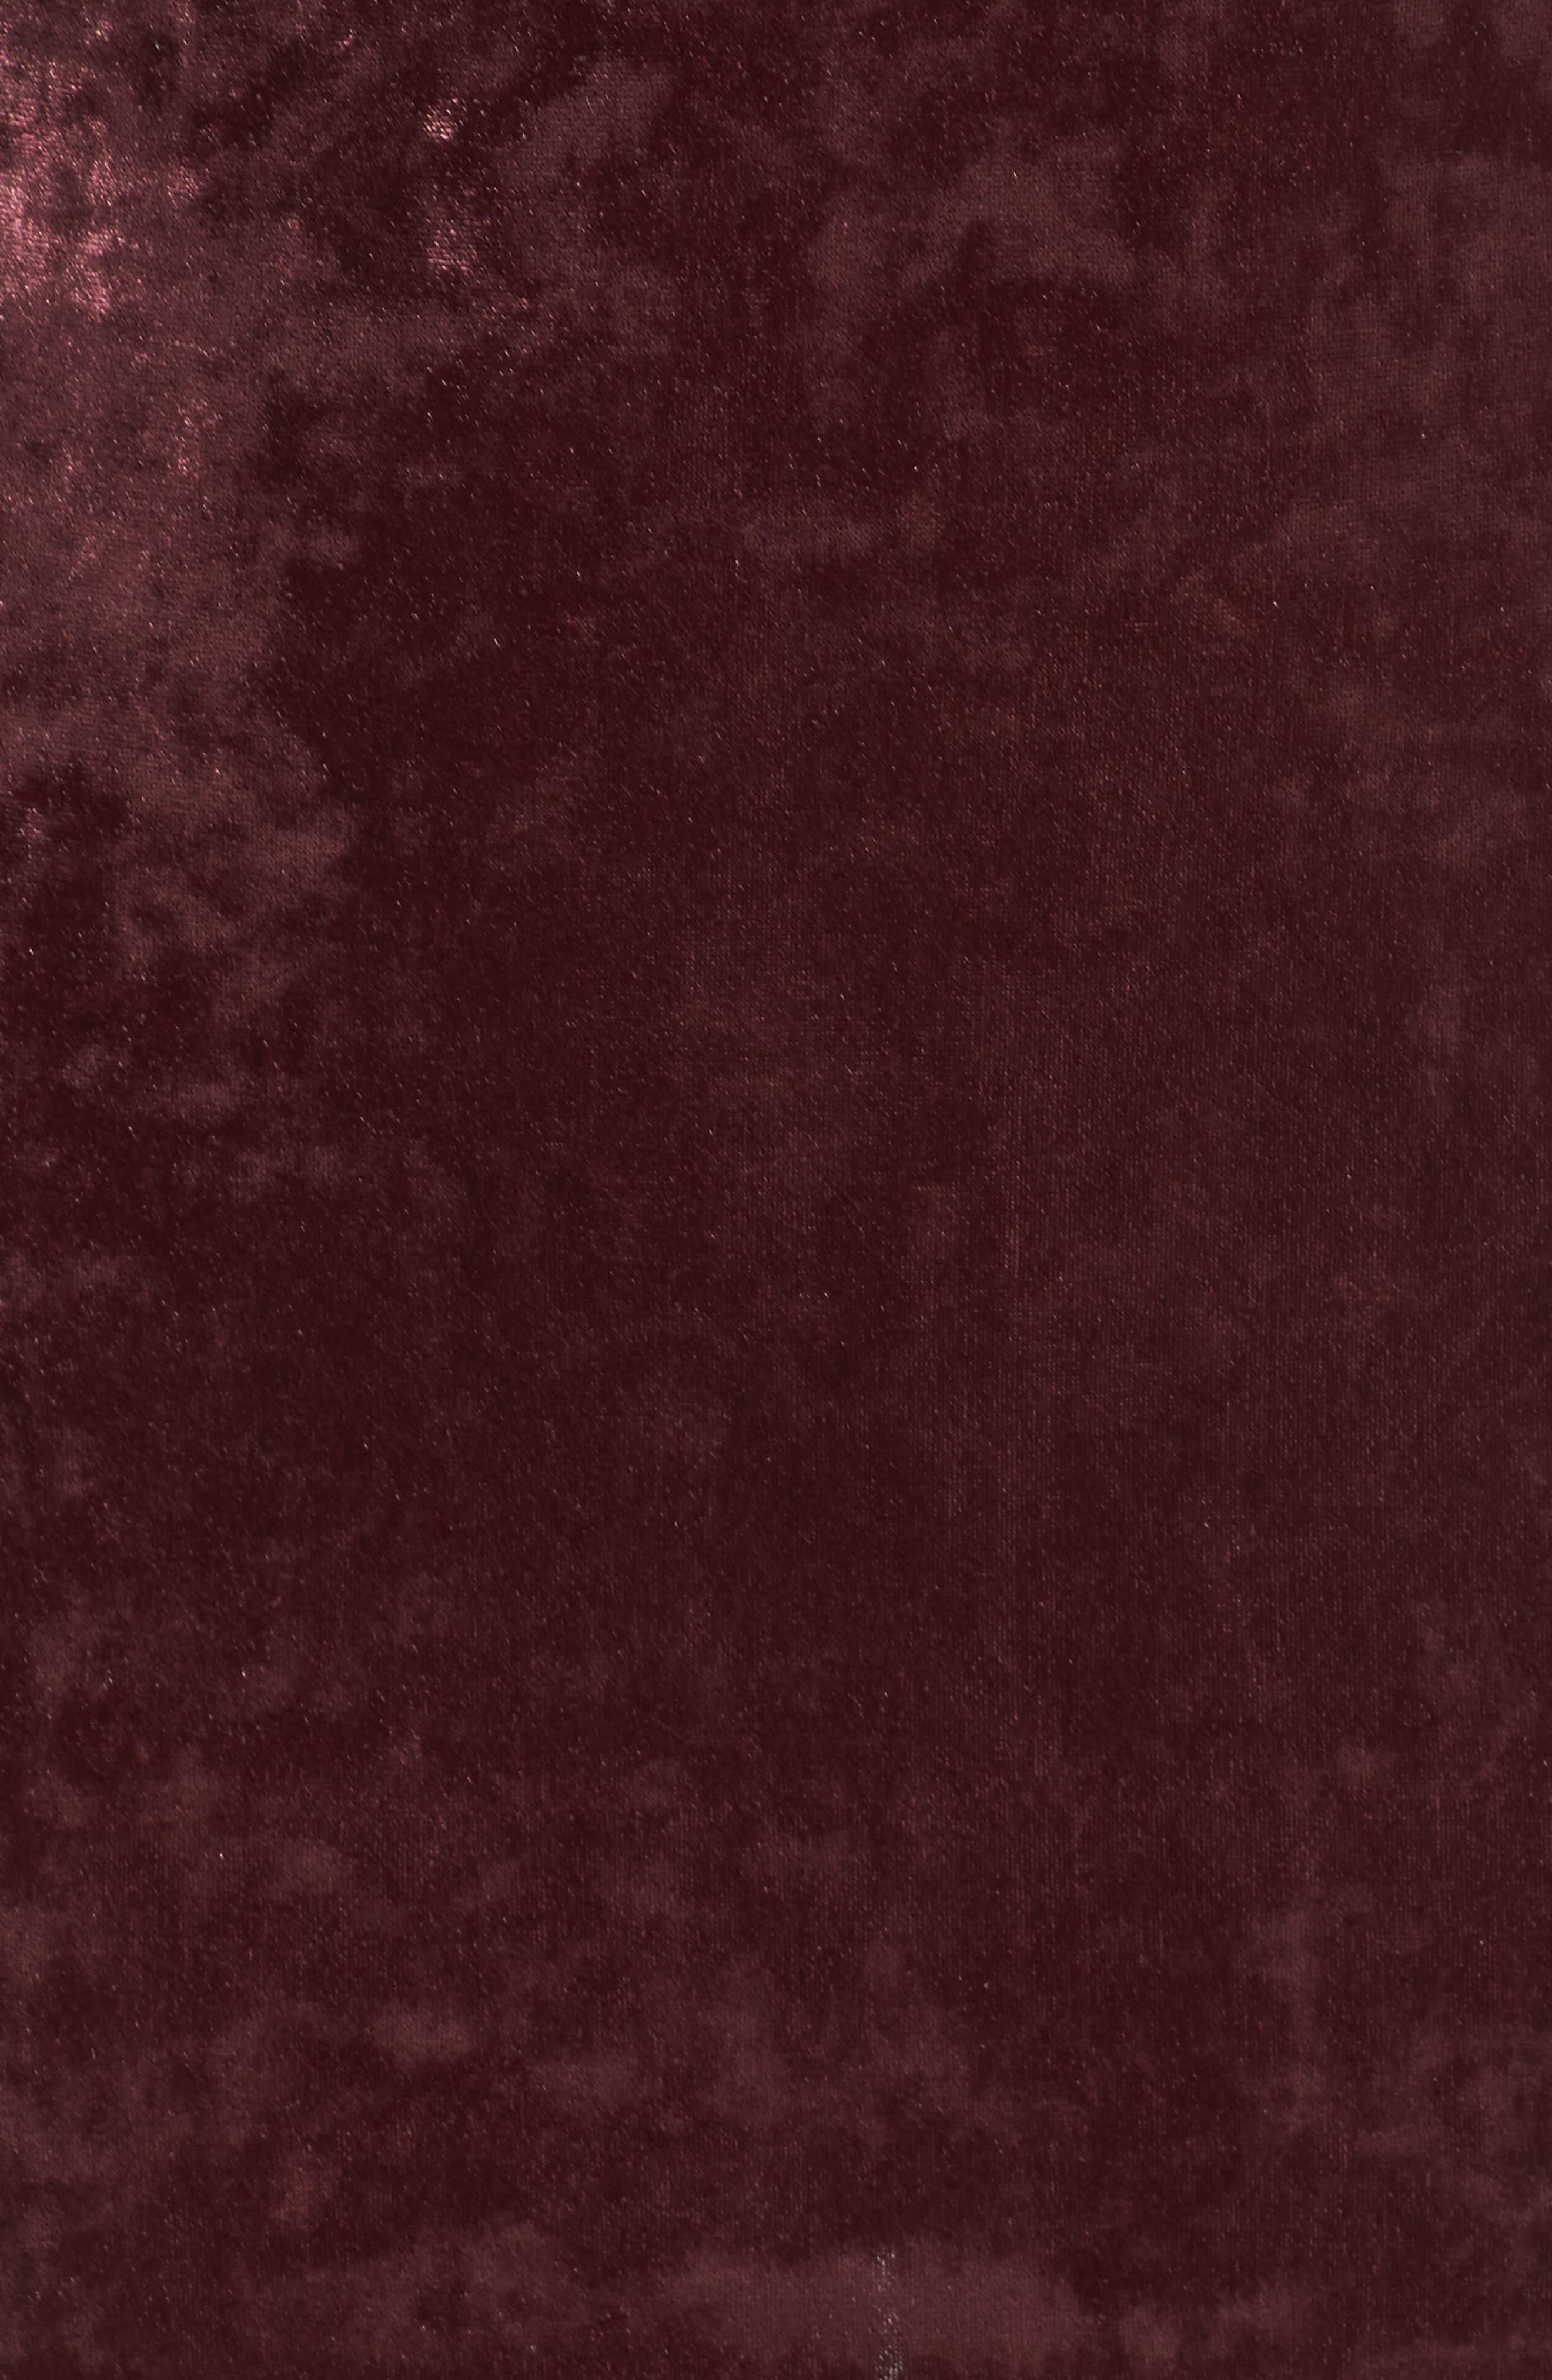 Intimately FP Viper Velvet Chemise,                             Alternate thumbnail 15, color,